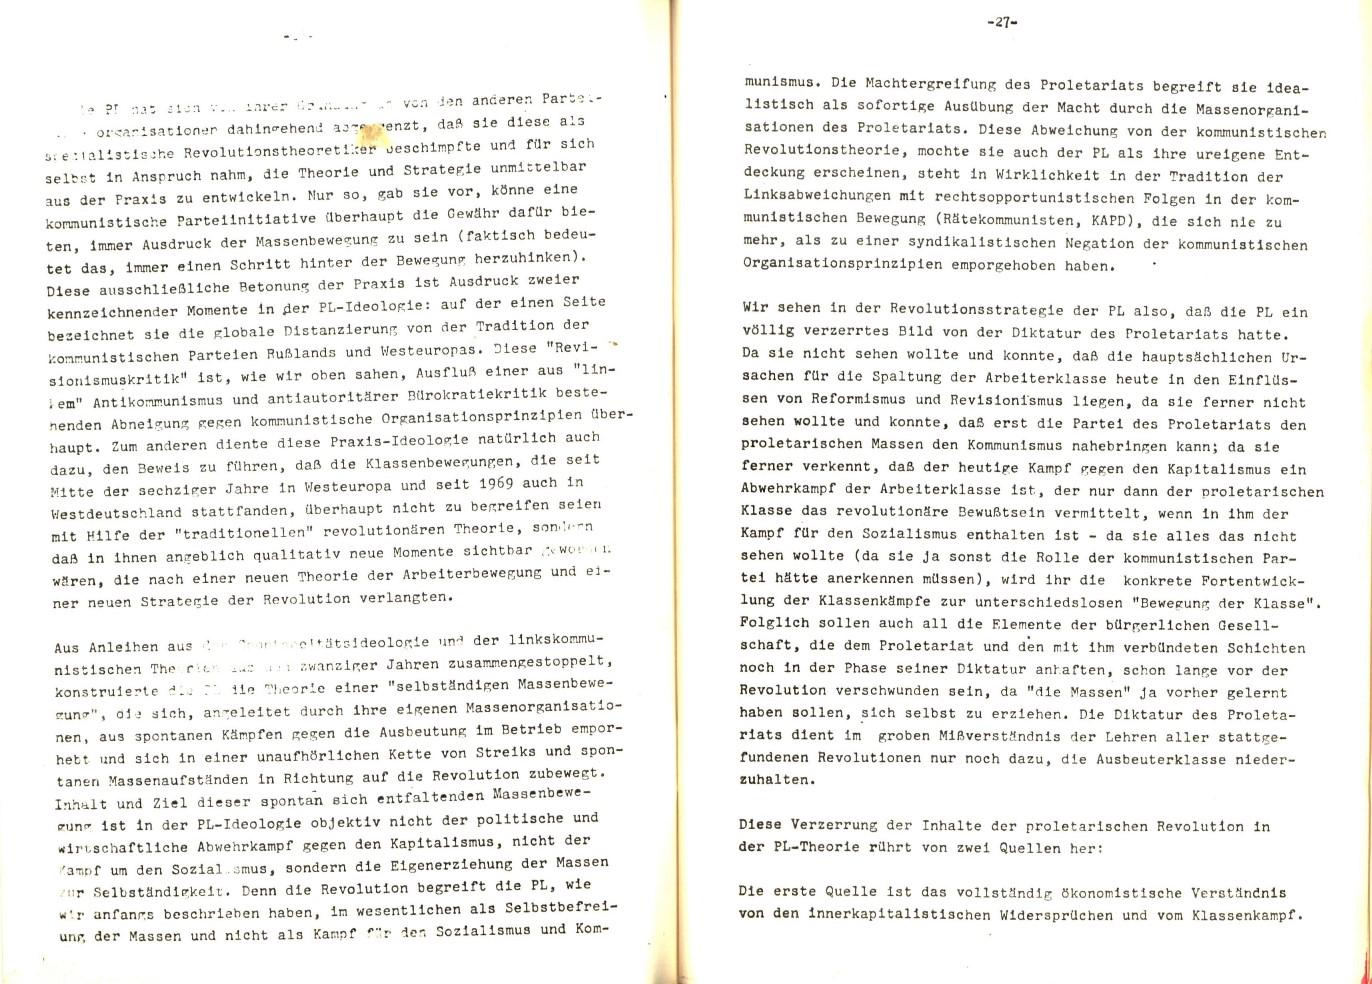 PLPI_1971_Aufloesung_16